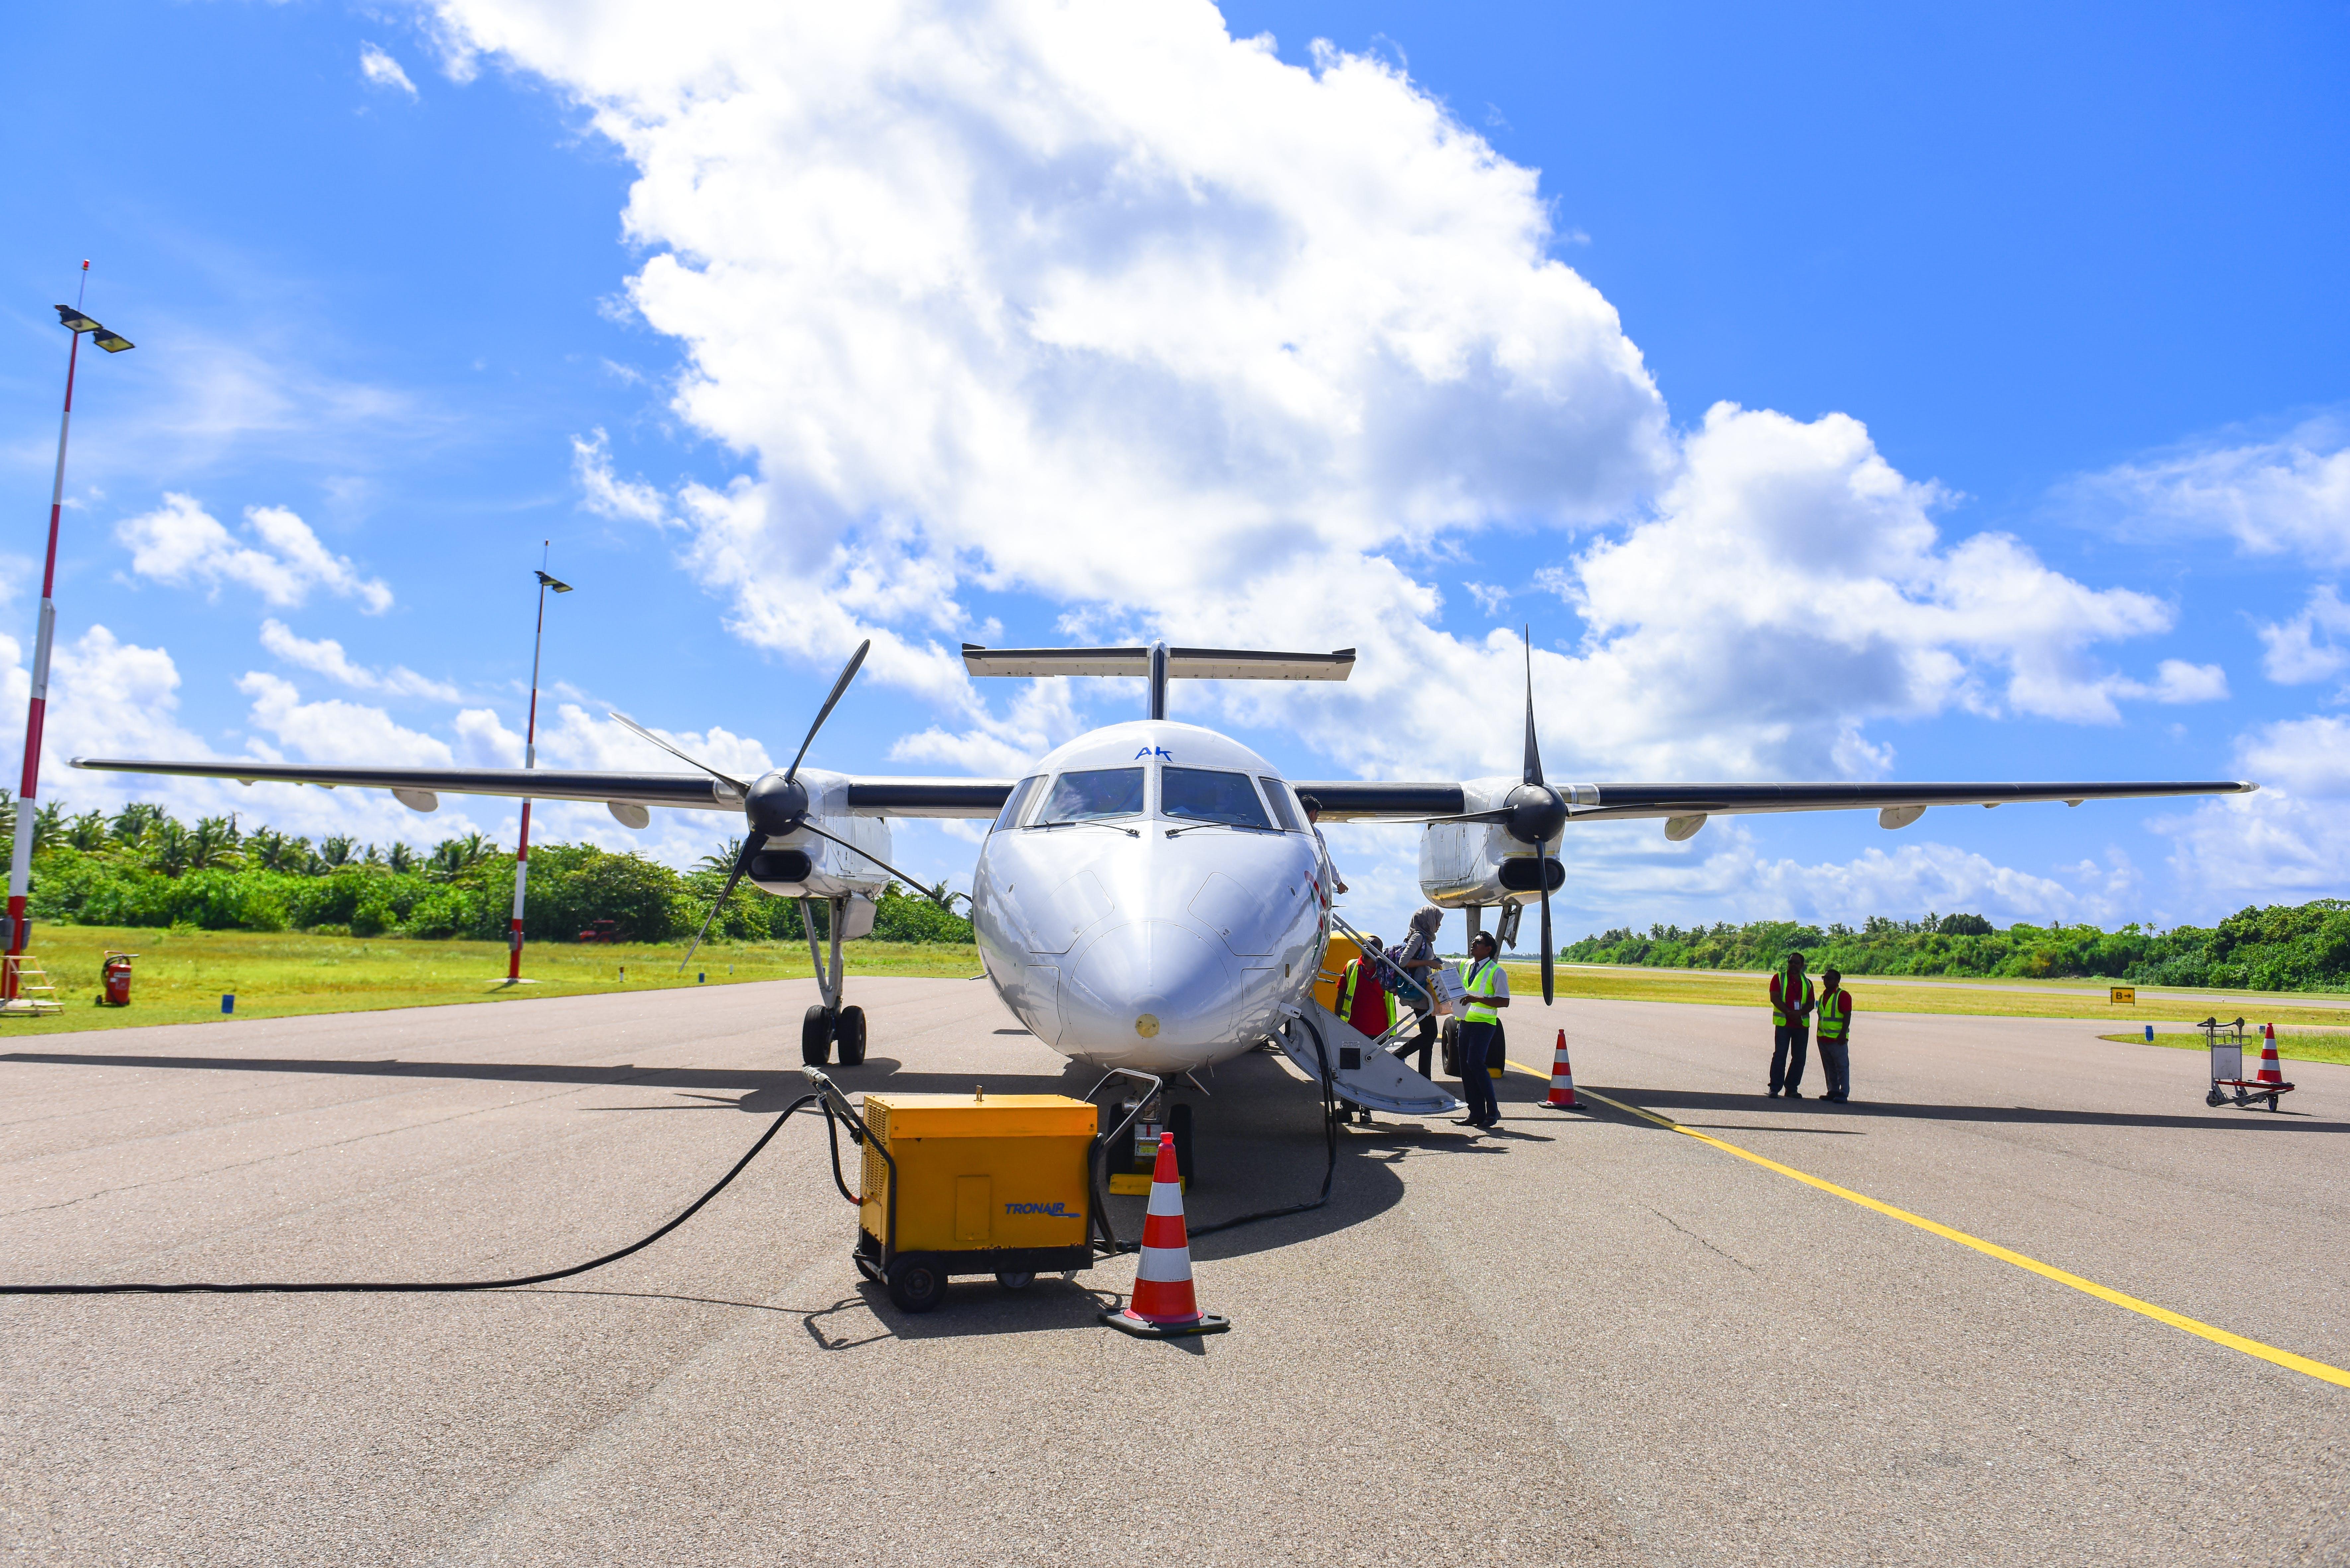 Δωρεάν στοκ φωτογραφιών με trans maldivian, αεροδιάδρομος, αεροδρόμιο, αεροπλάνο